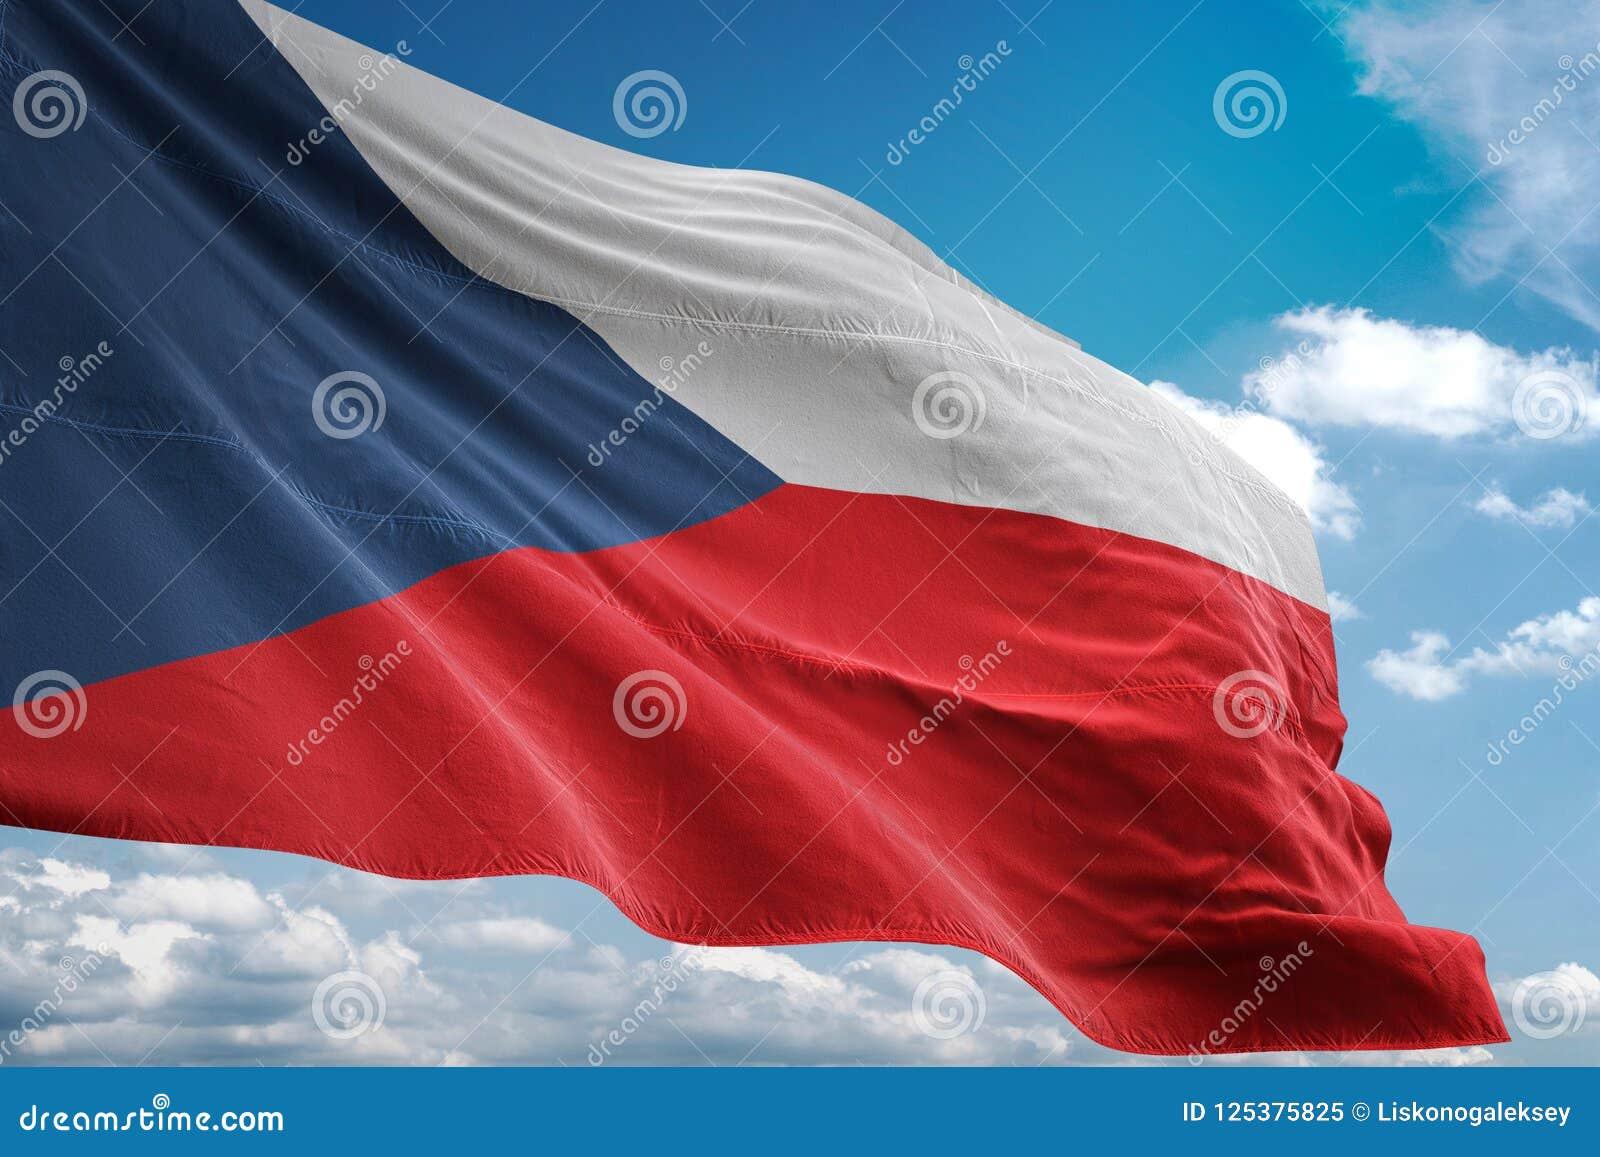 Национальный флаг чехии развевая иллюстрация 3d предпосылки голубого неба реалистическая